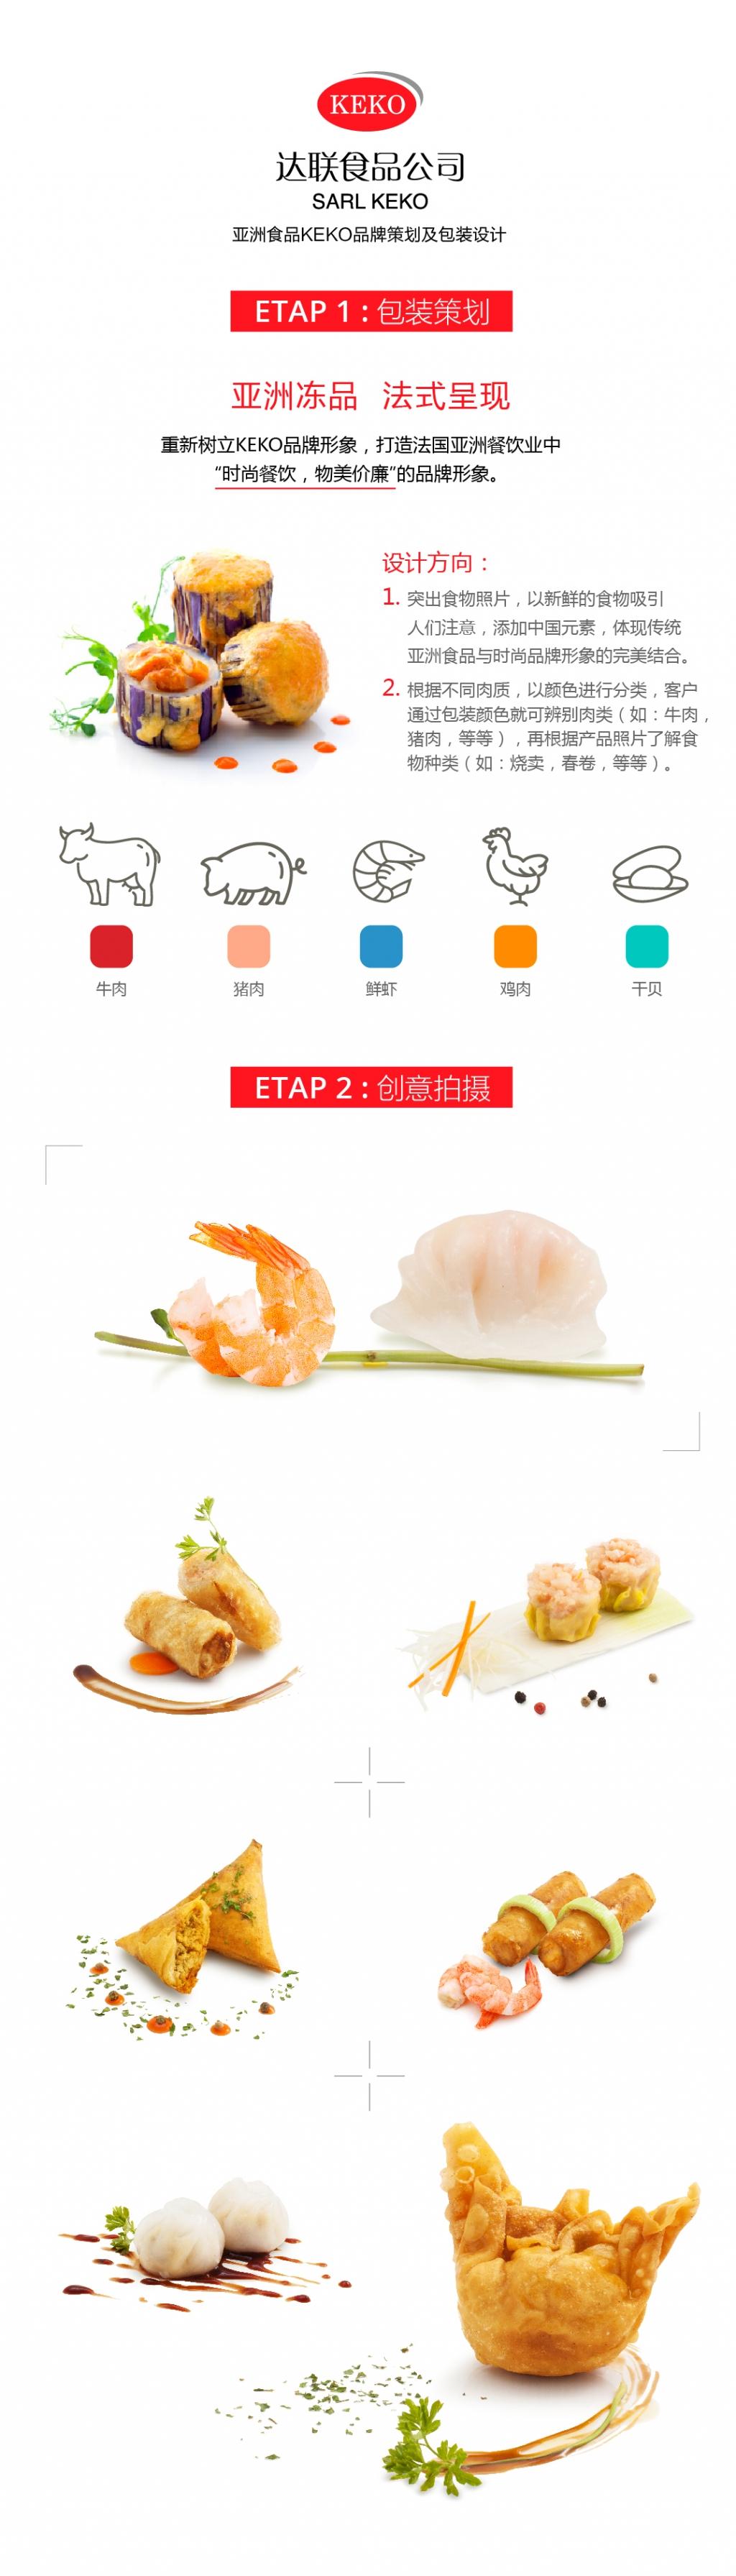 华人街-广告-sky sushi-2016-11-16-01.jpg